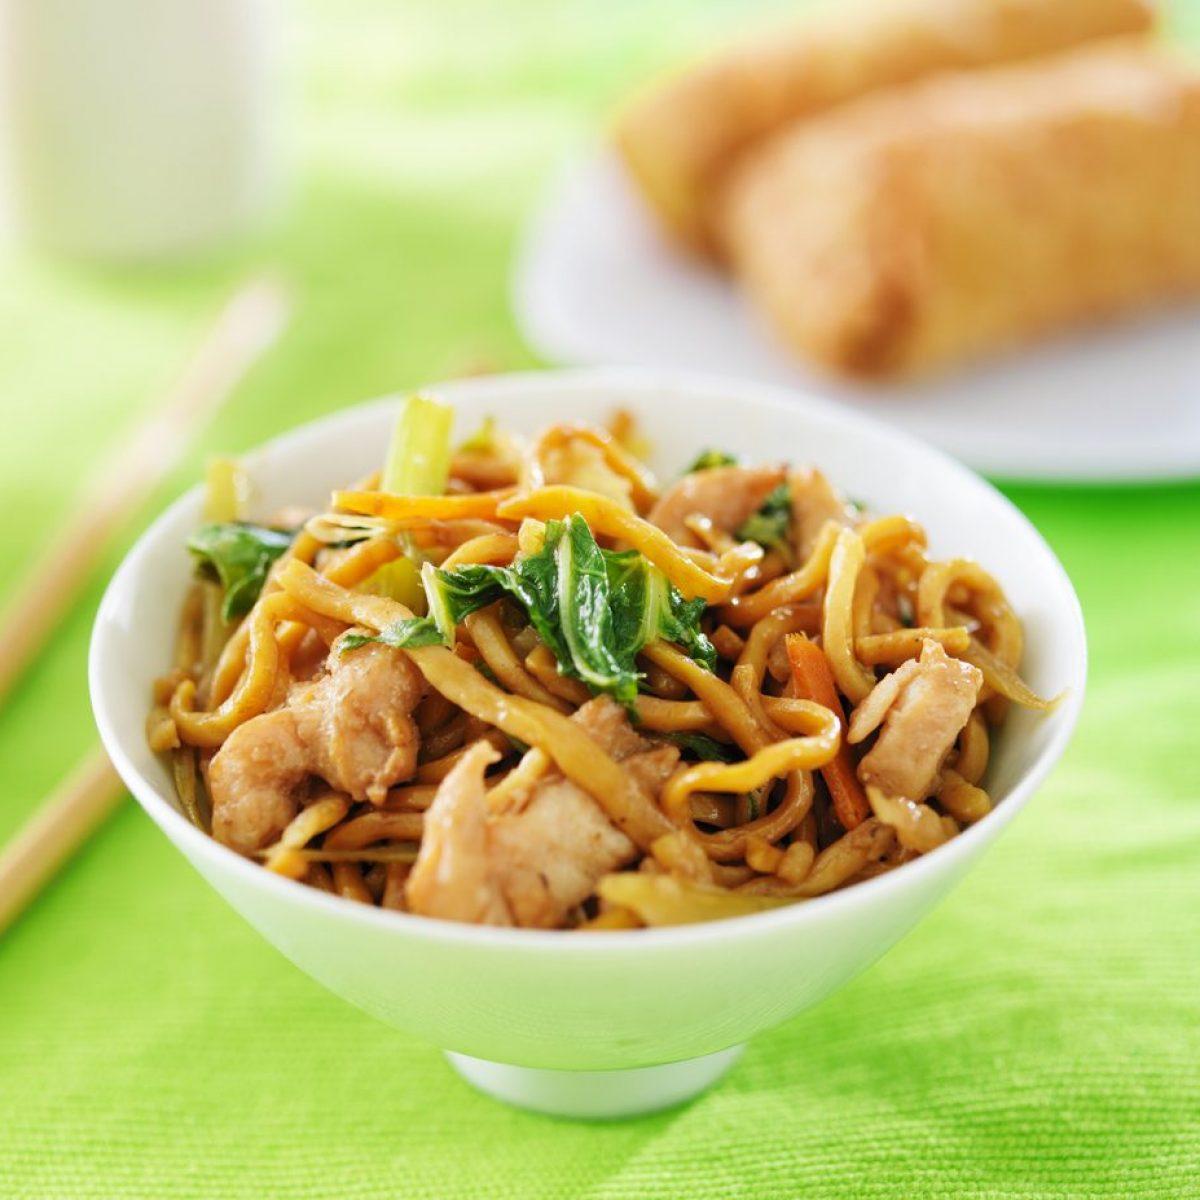 Ricetta Noodles Giapponesi Pollo.Noodles Con Pollo E Verdure La Ricetta Del Piatto Unico Dal Sapore Orientale